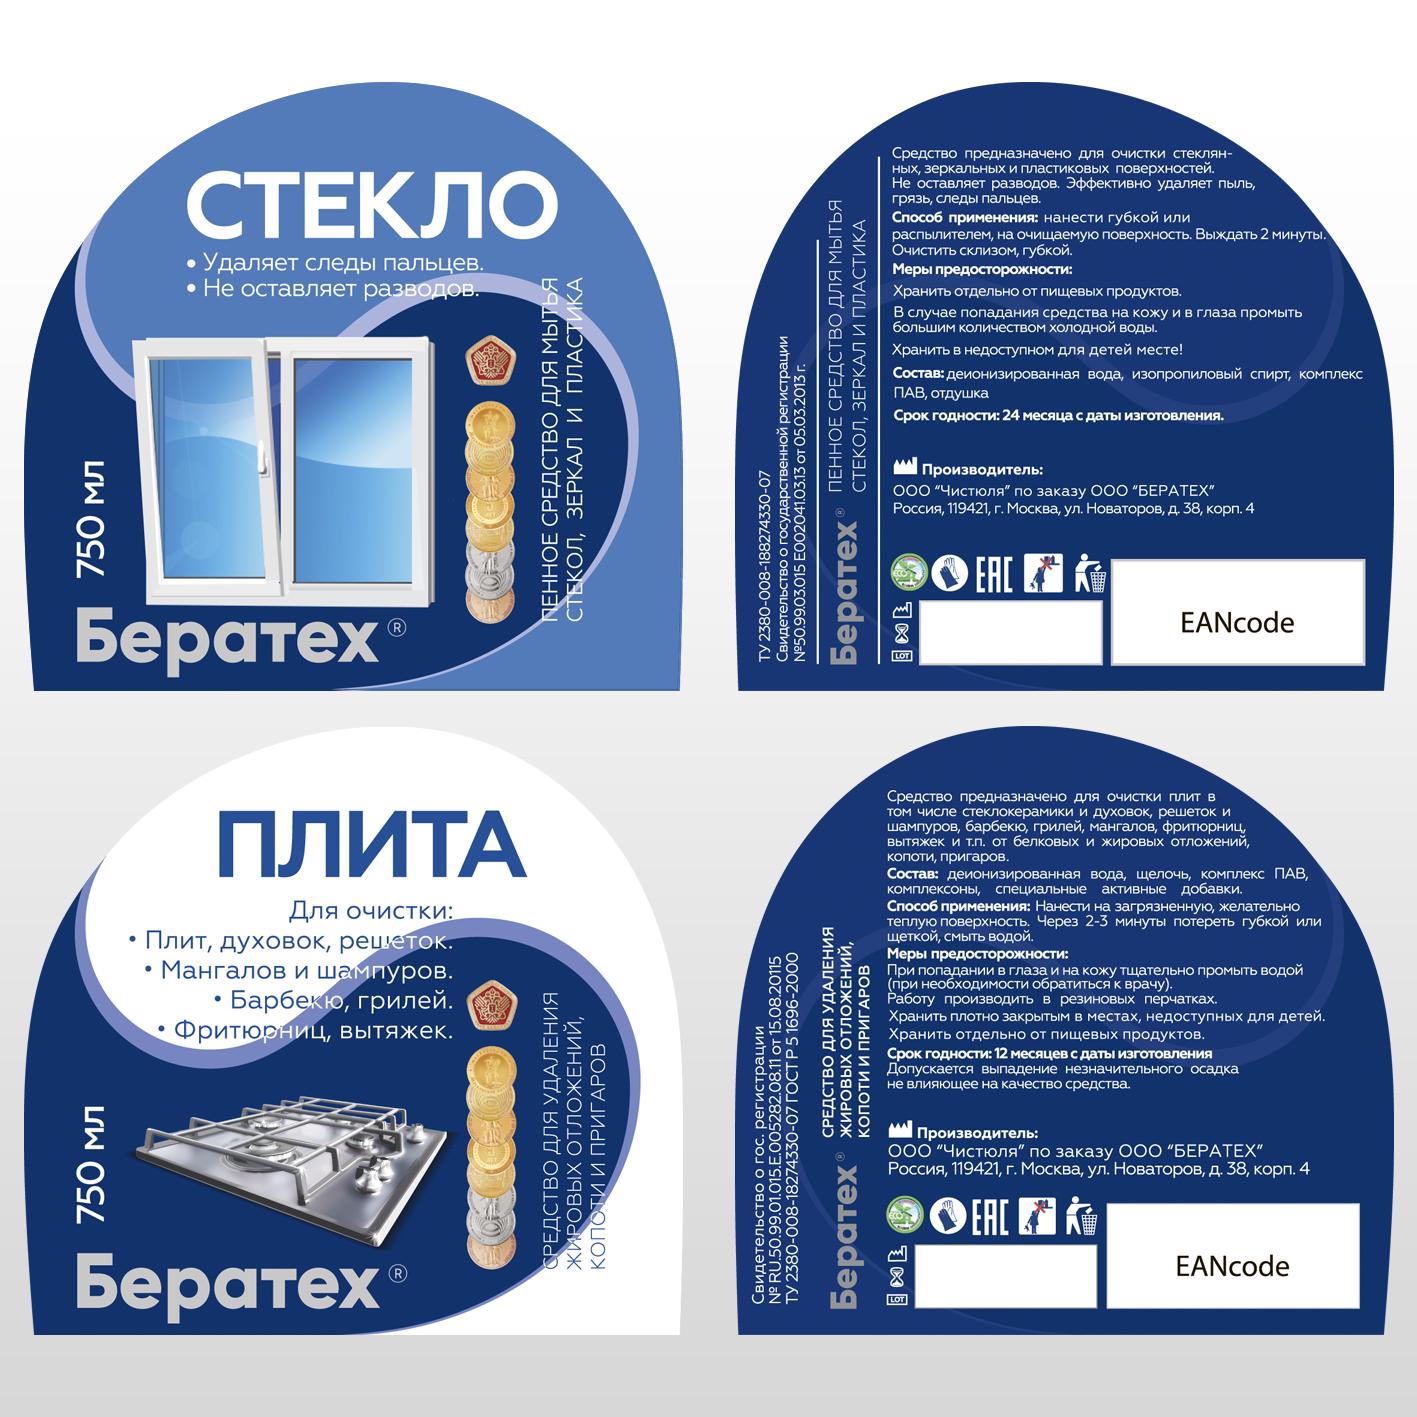 Дизайн этикеток для бытовой химии фото f_7645a57bdfcd9b25.png